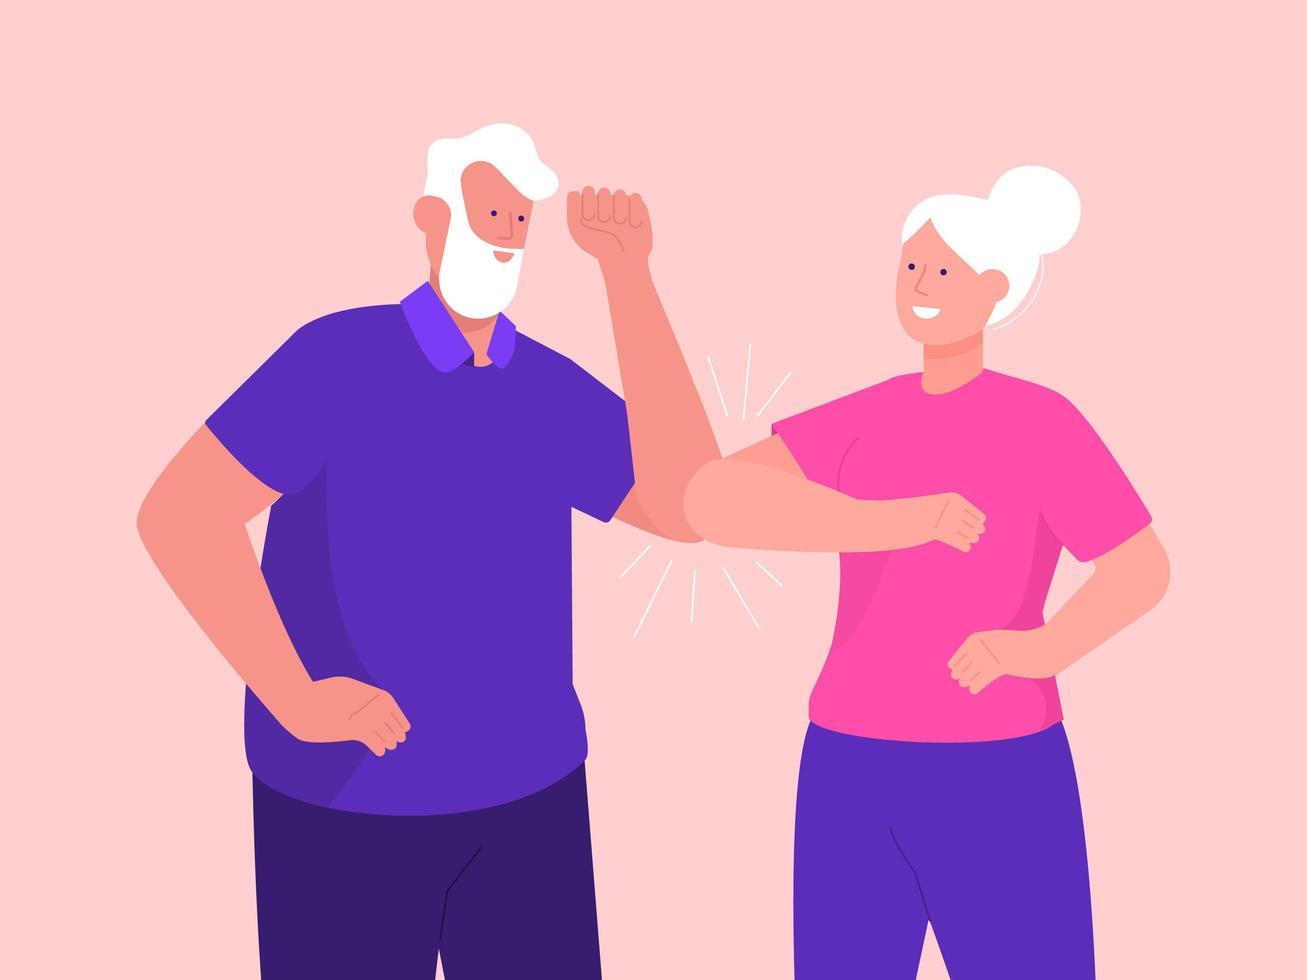 oudere vrouw en man groet met elleboogbult vector